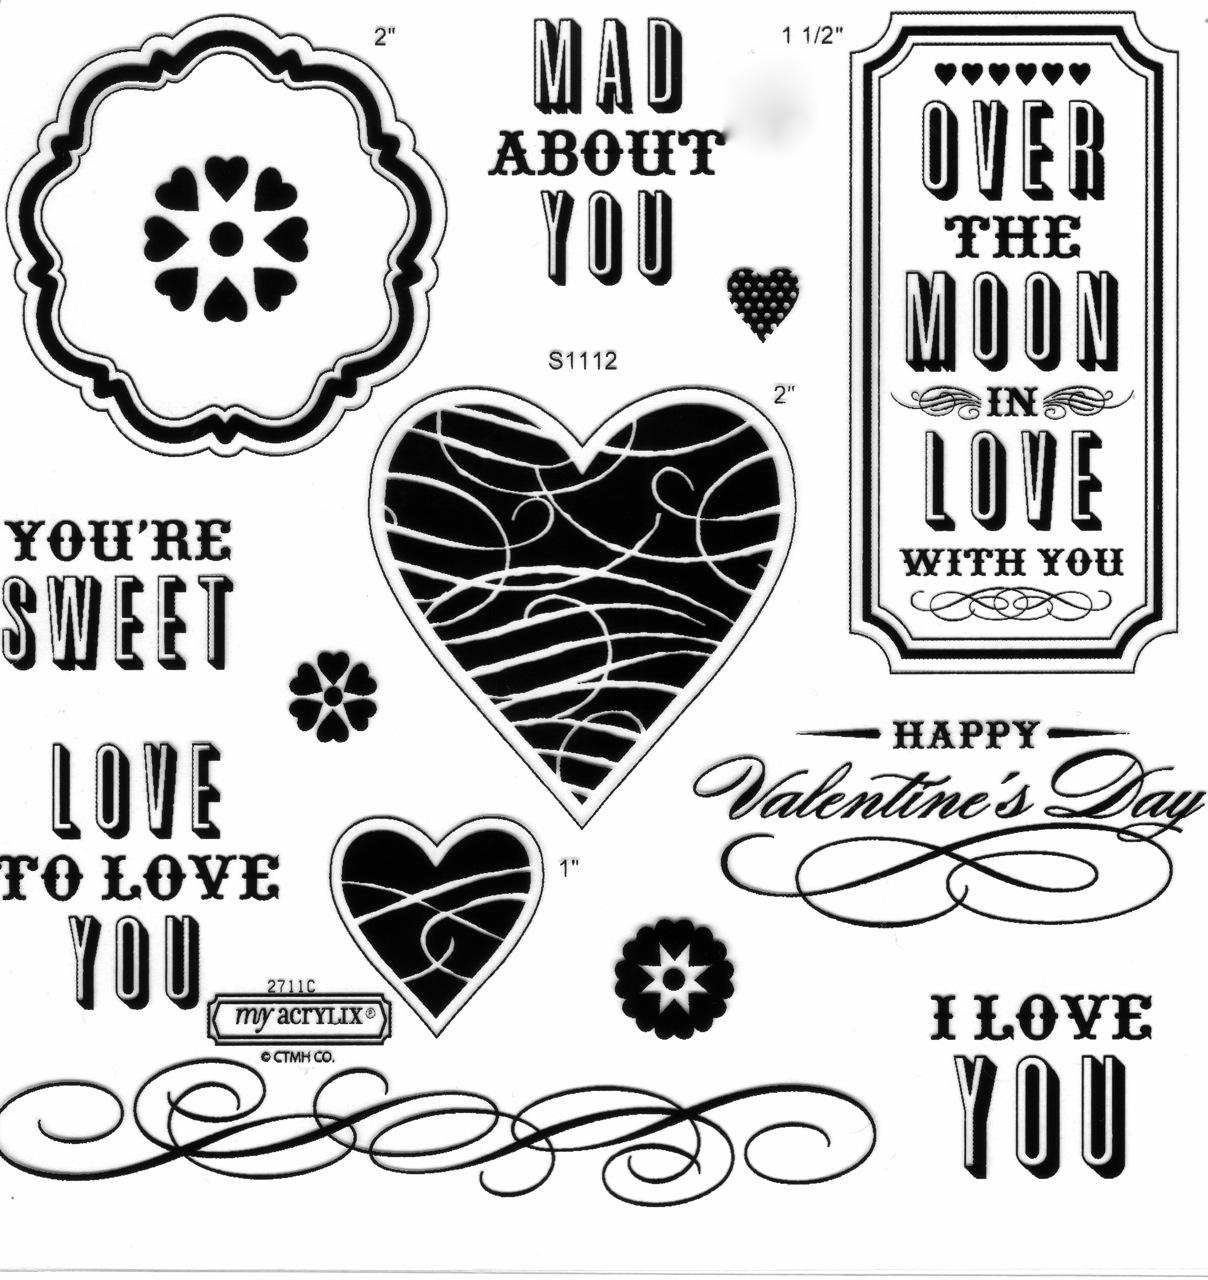 Karen Pedersen Valentine Card Close To My Heart S